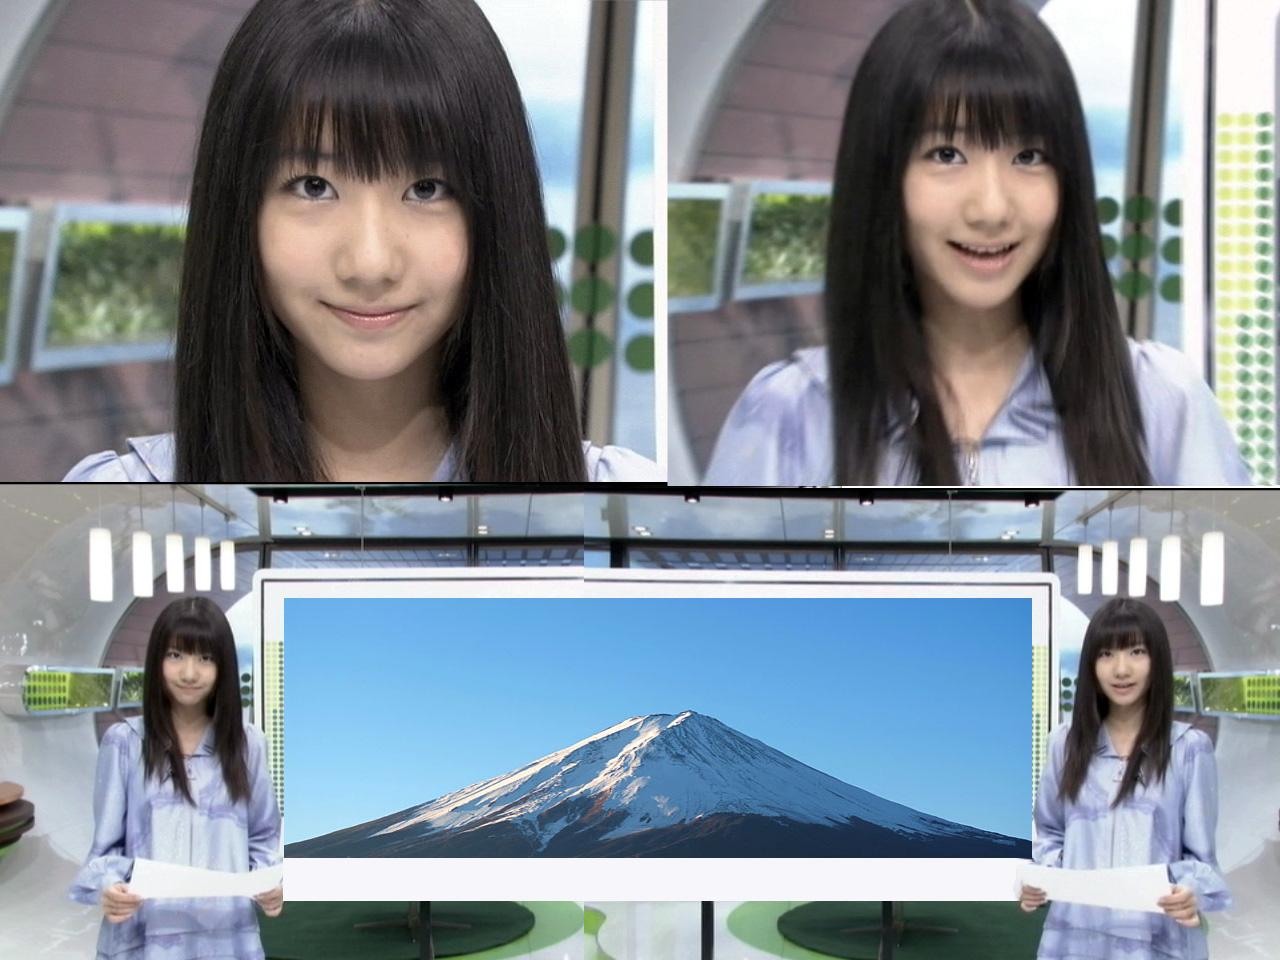 http://blog-imgs-37.fc2.com/a/n/a/anatet/Kasiwagi-1129W.jpg